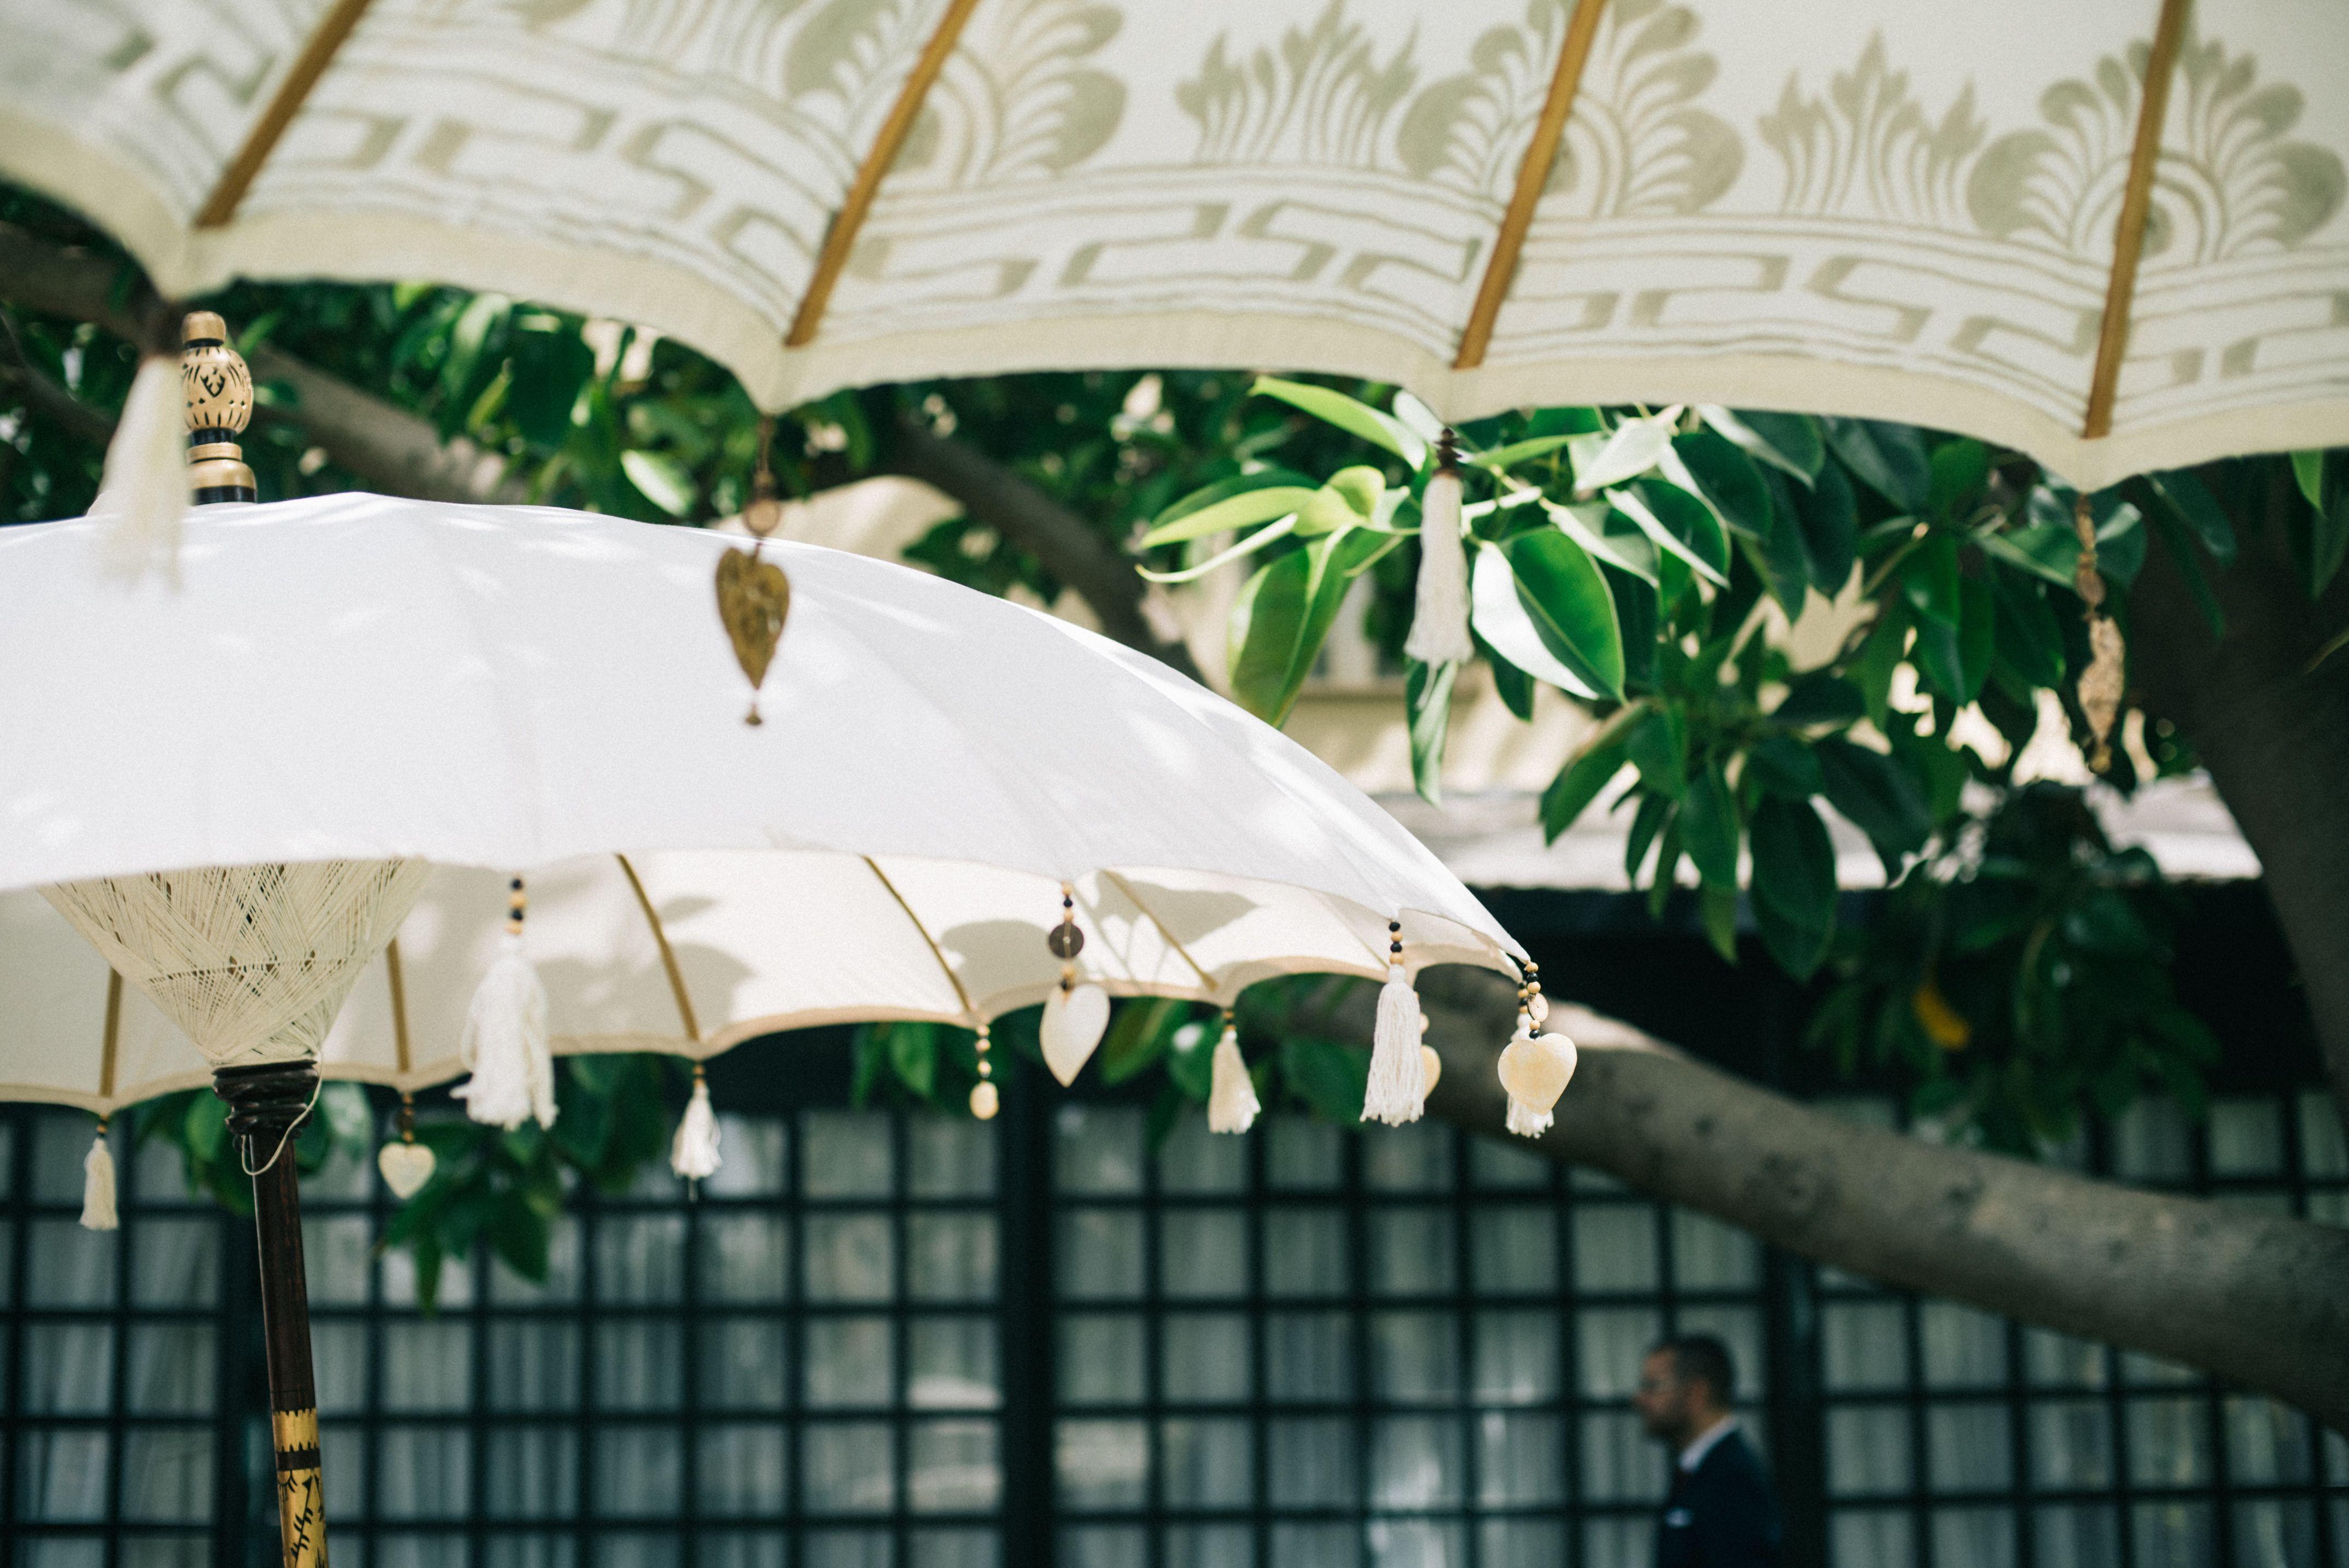 La boda de Roberto y Cristina 19